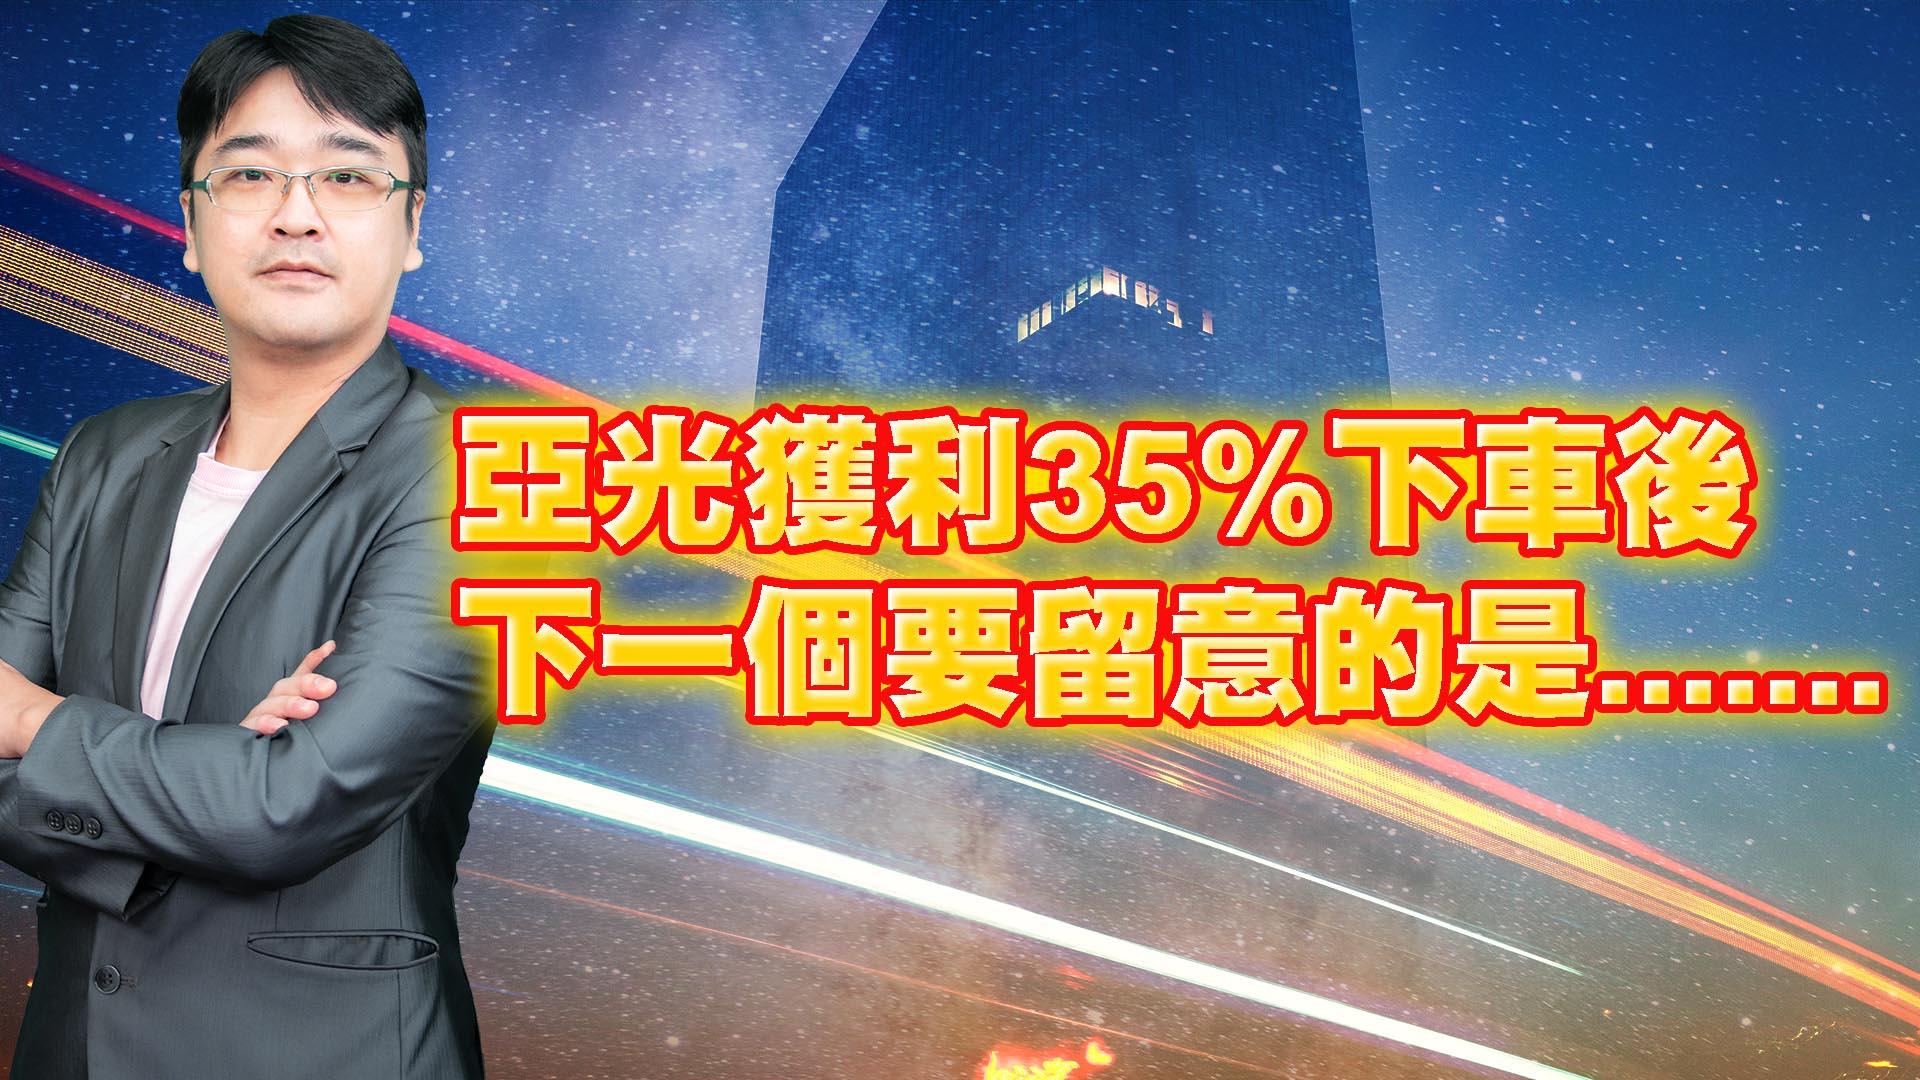 0222_亞光獲利35%下車後 下一個要留意的是.......